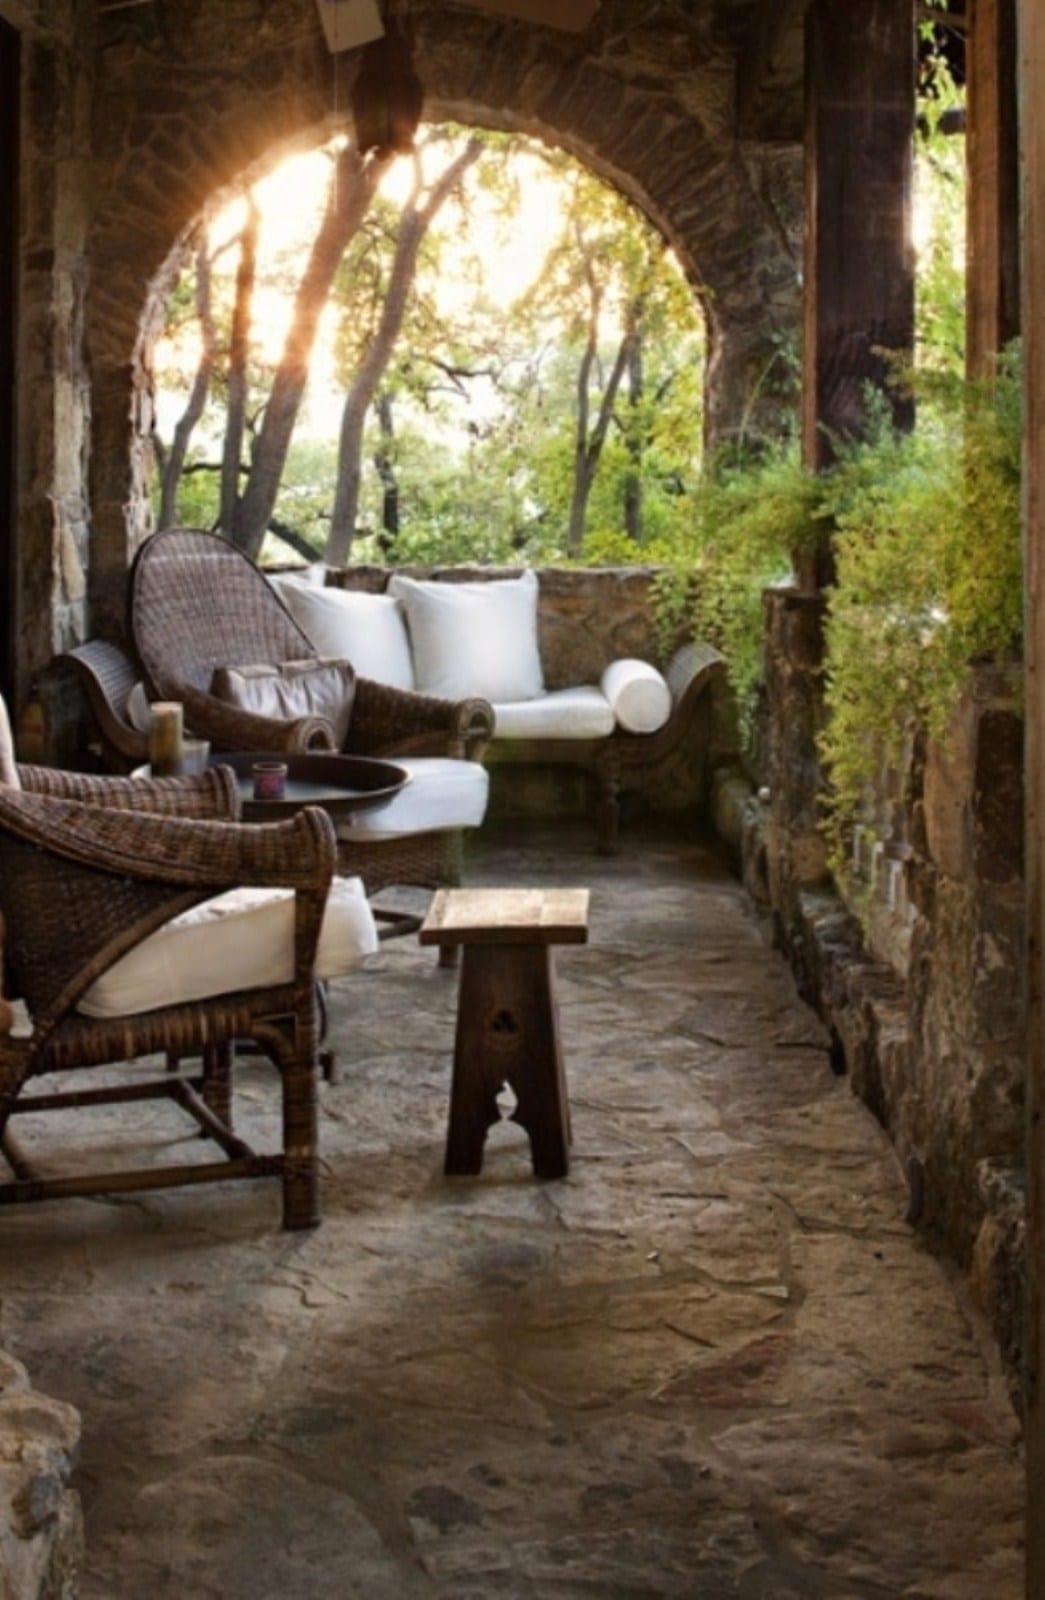 Wohnzimmer Antik | Wohnzimmer Antik Draussen Mit Moderne Terrassenmobel Aus Rattan